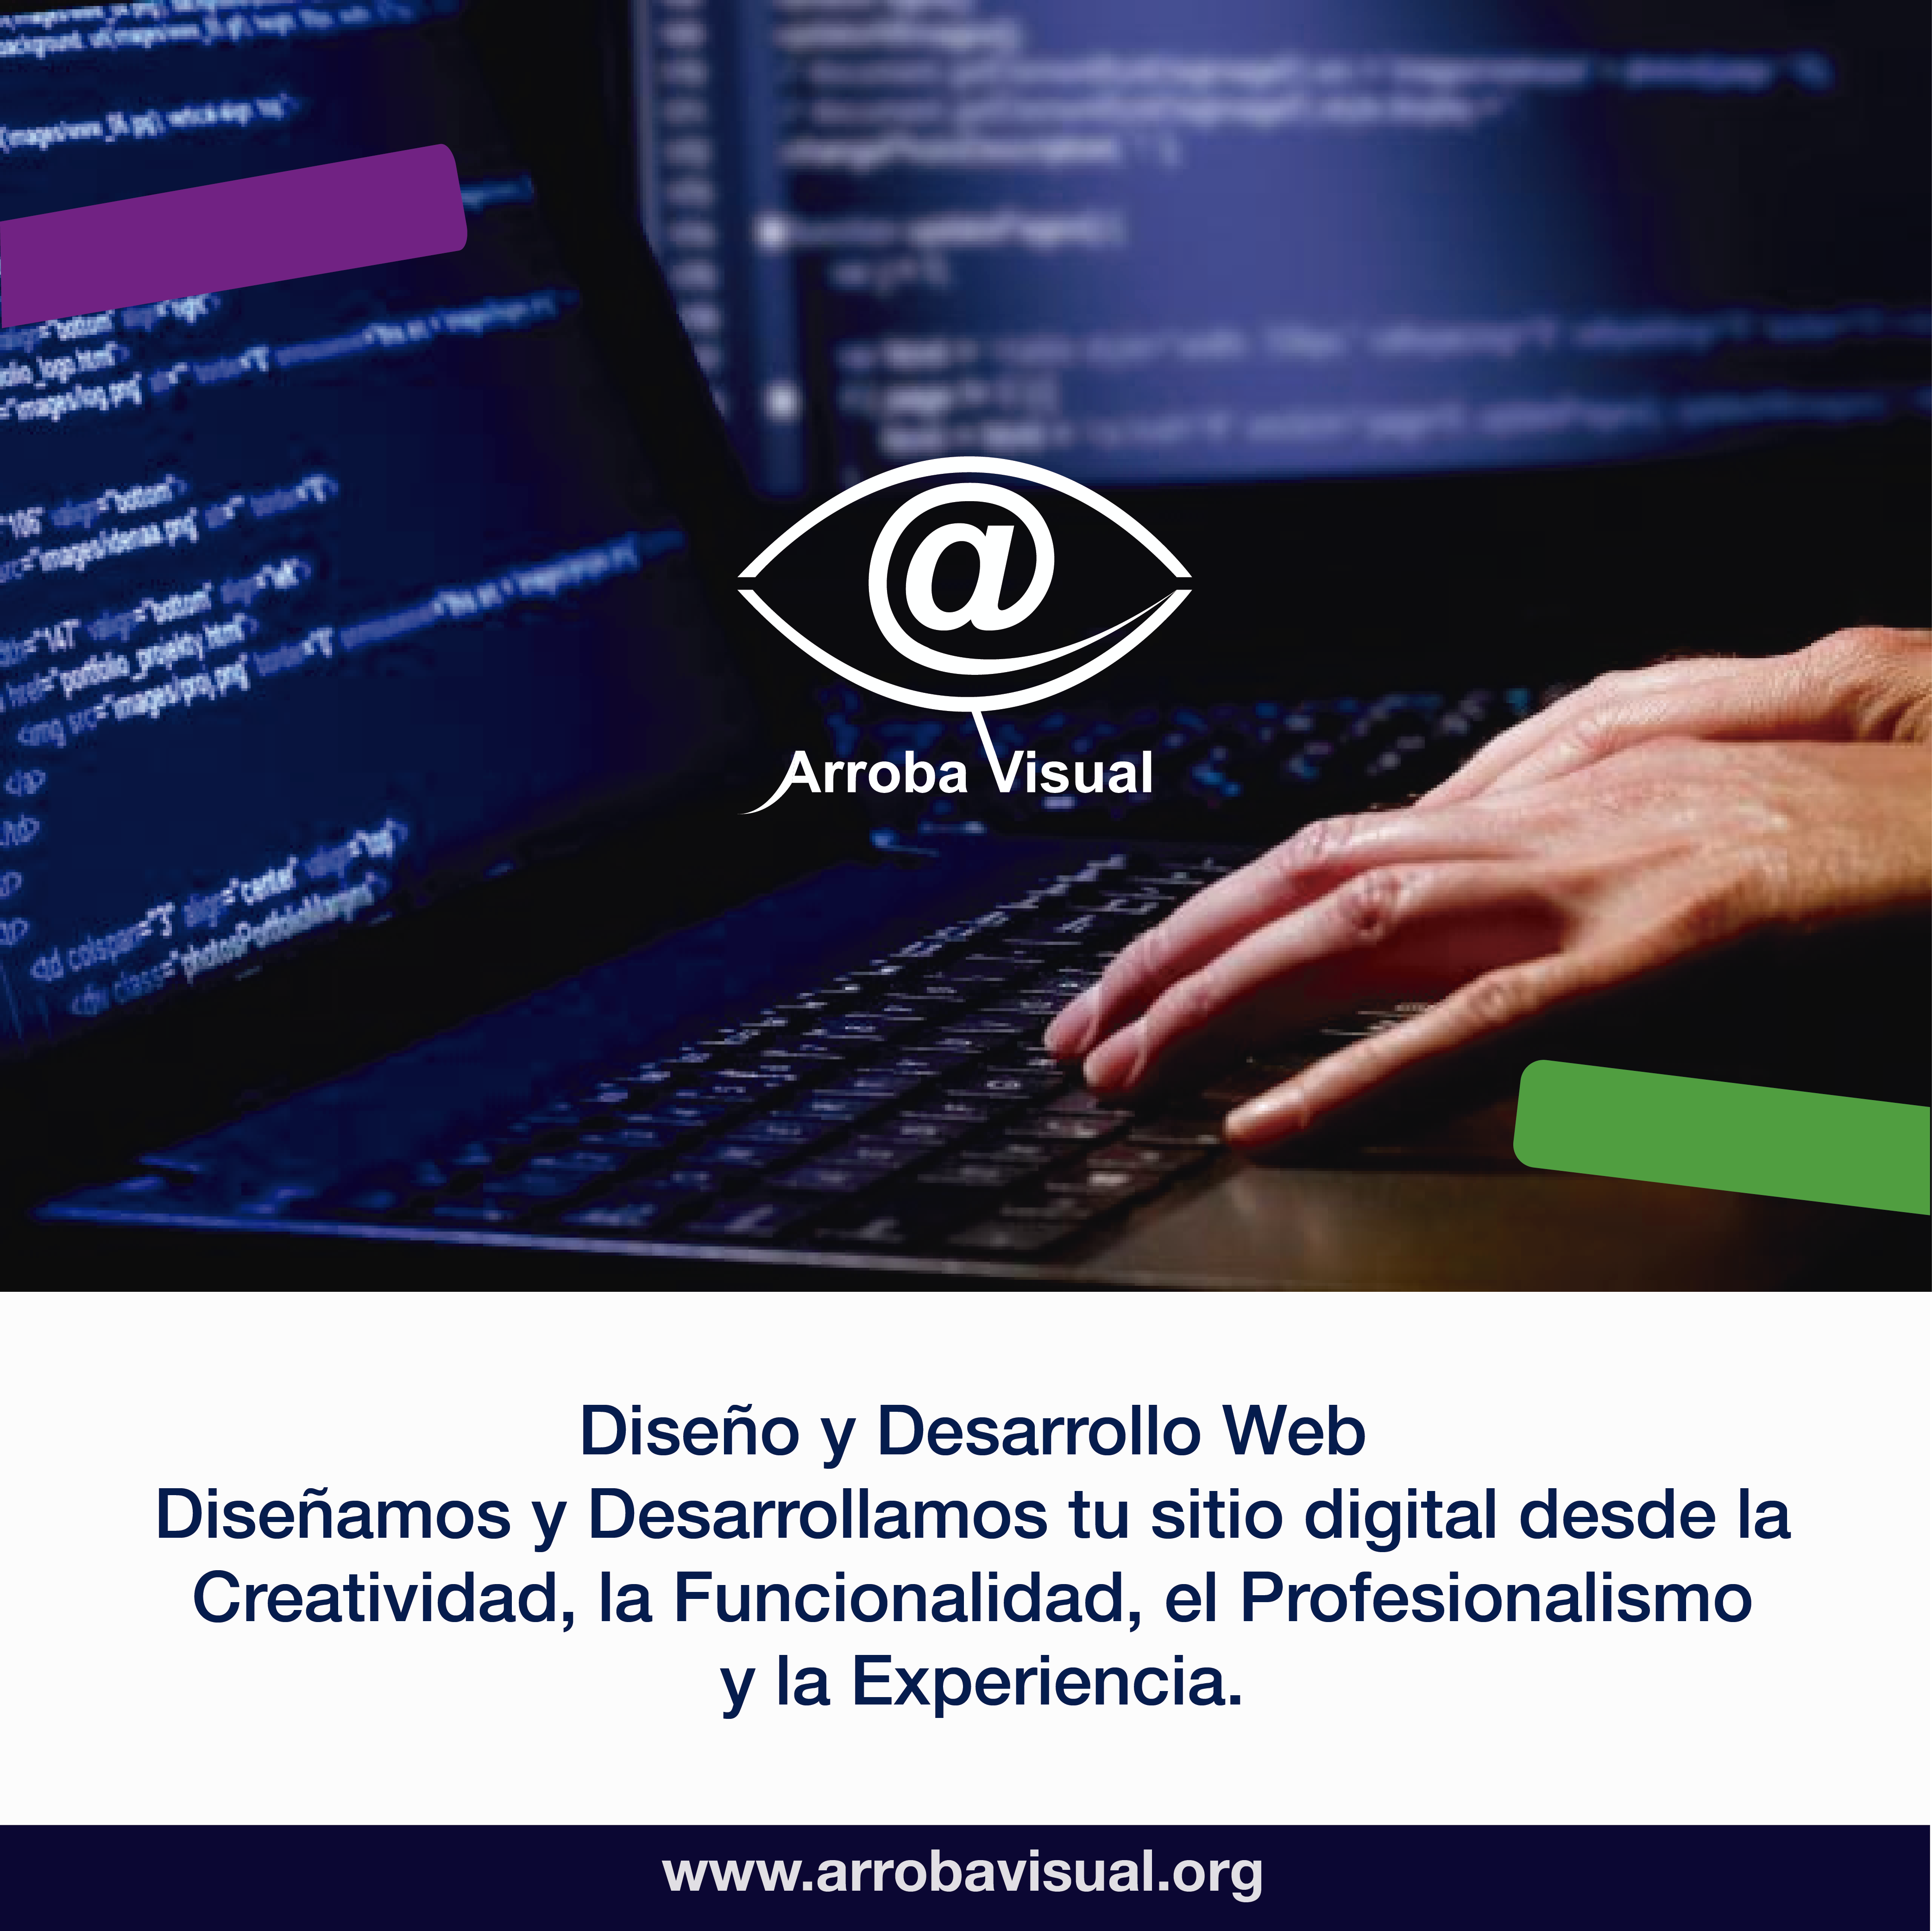 Diseño y Desarrollo web Arroba Visual